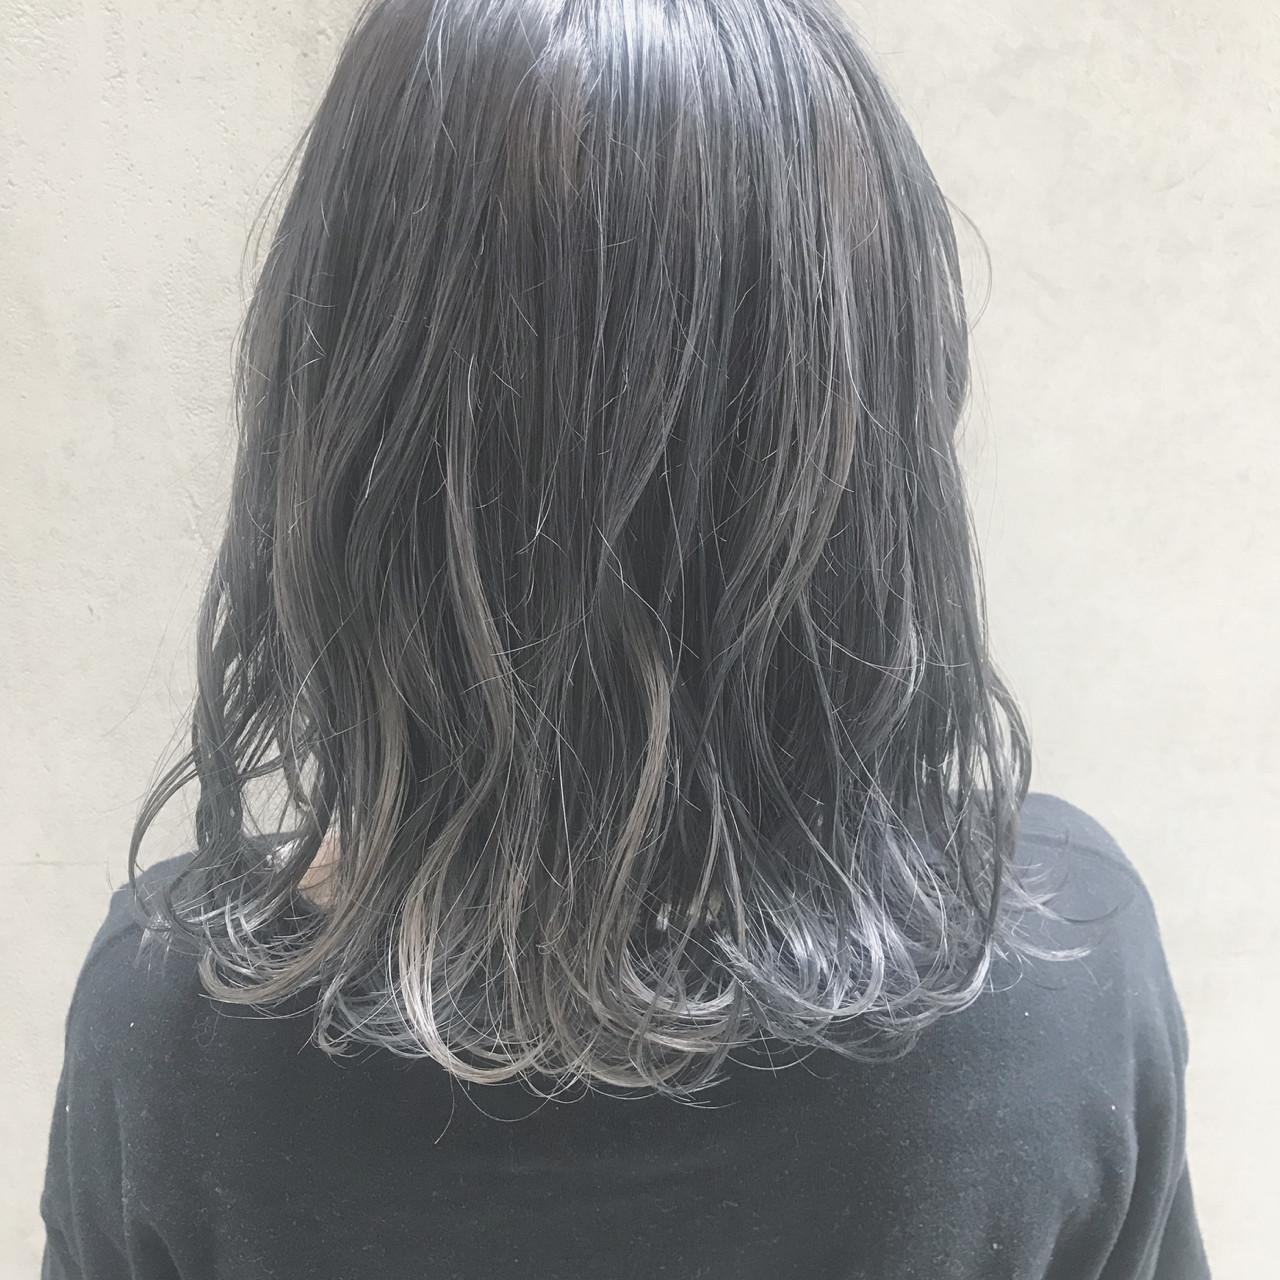 大人かわいい オフィス ミディアム ナチュラル ヘアスタイルや髪型の写真・画像 | Tierra / 町田雄一 / Tierra harajuku